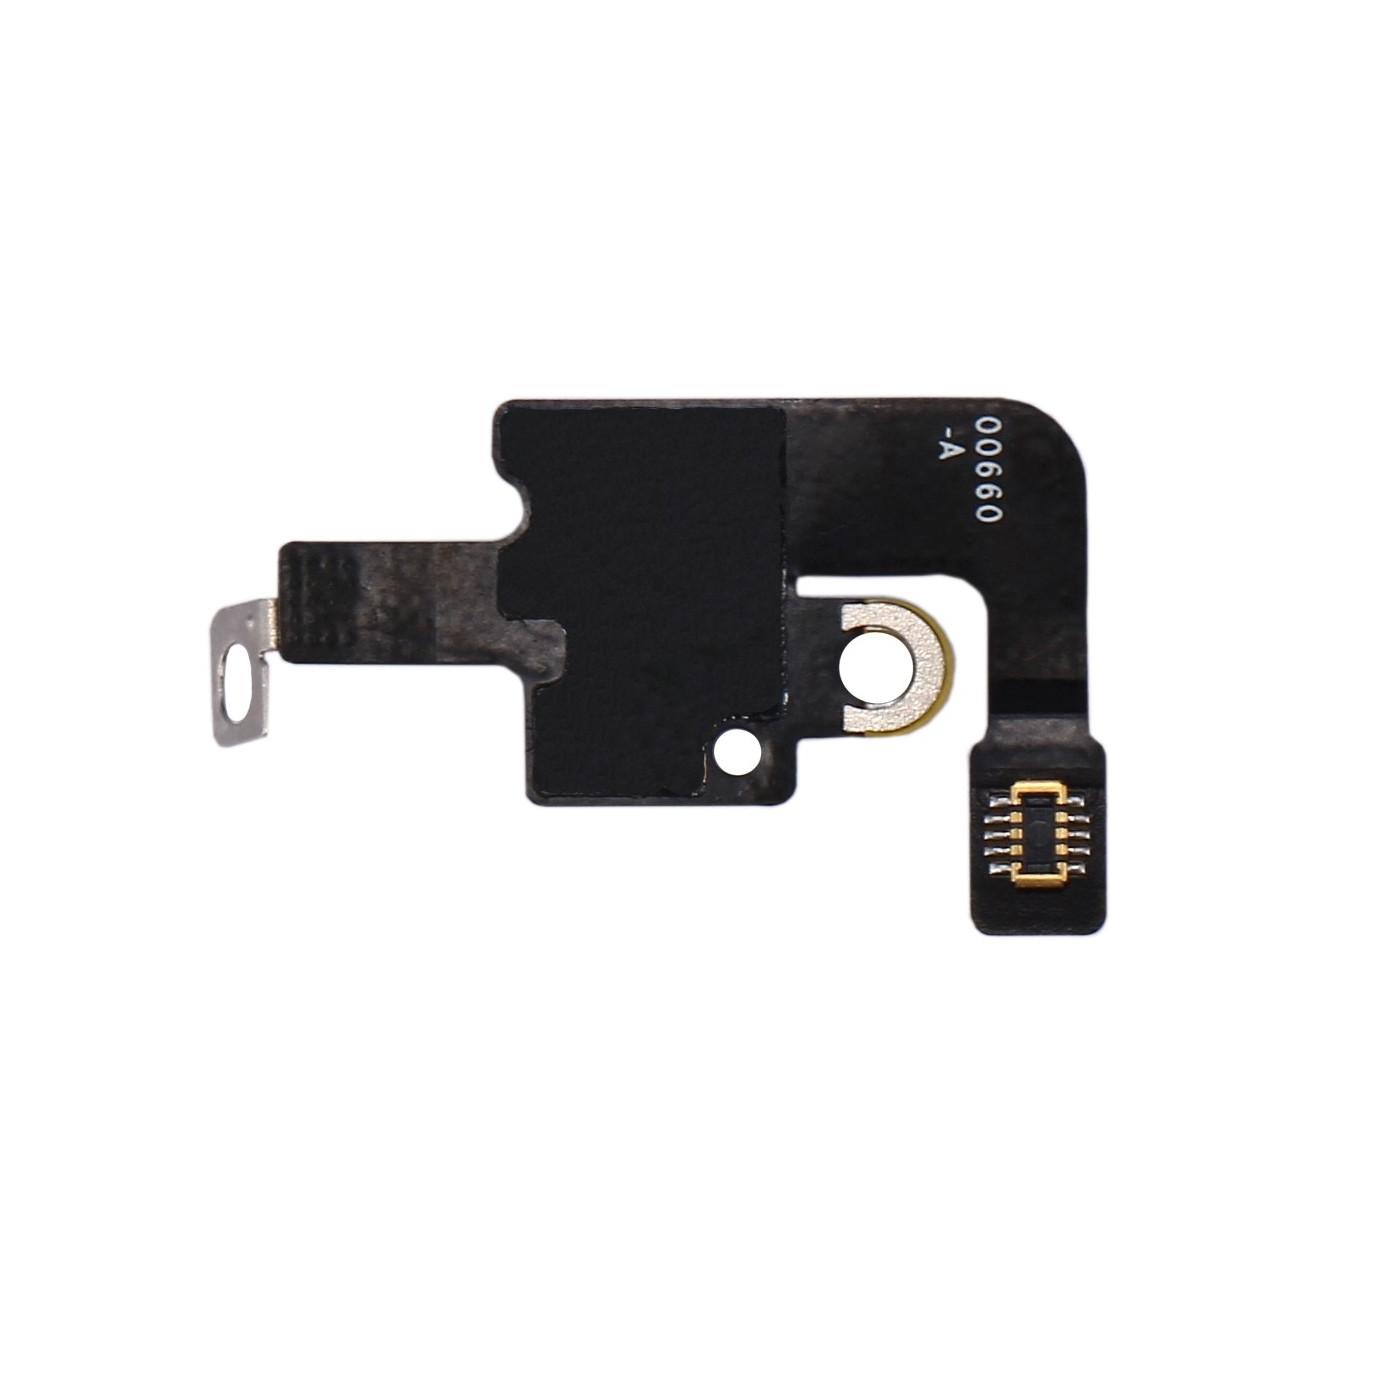 Modulo antenna wifi per Iphone 7 PLUS WI-FI flat flex segnale wireless